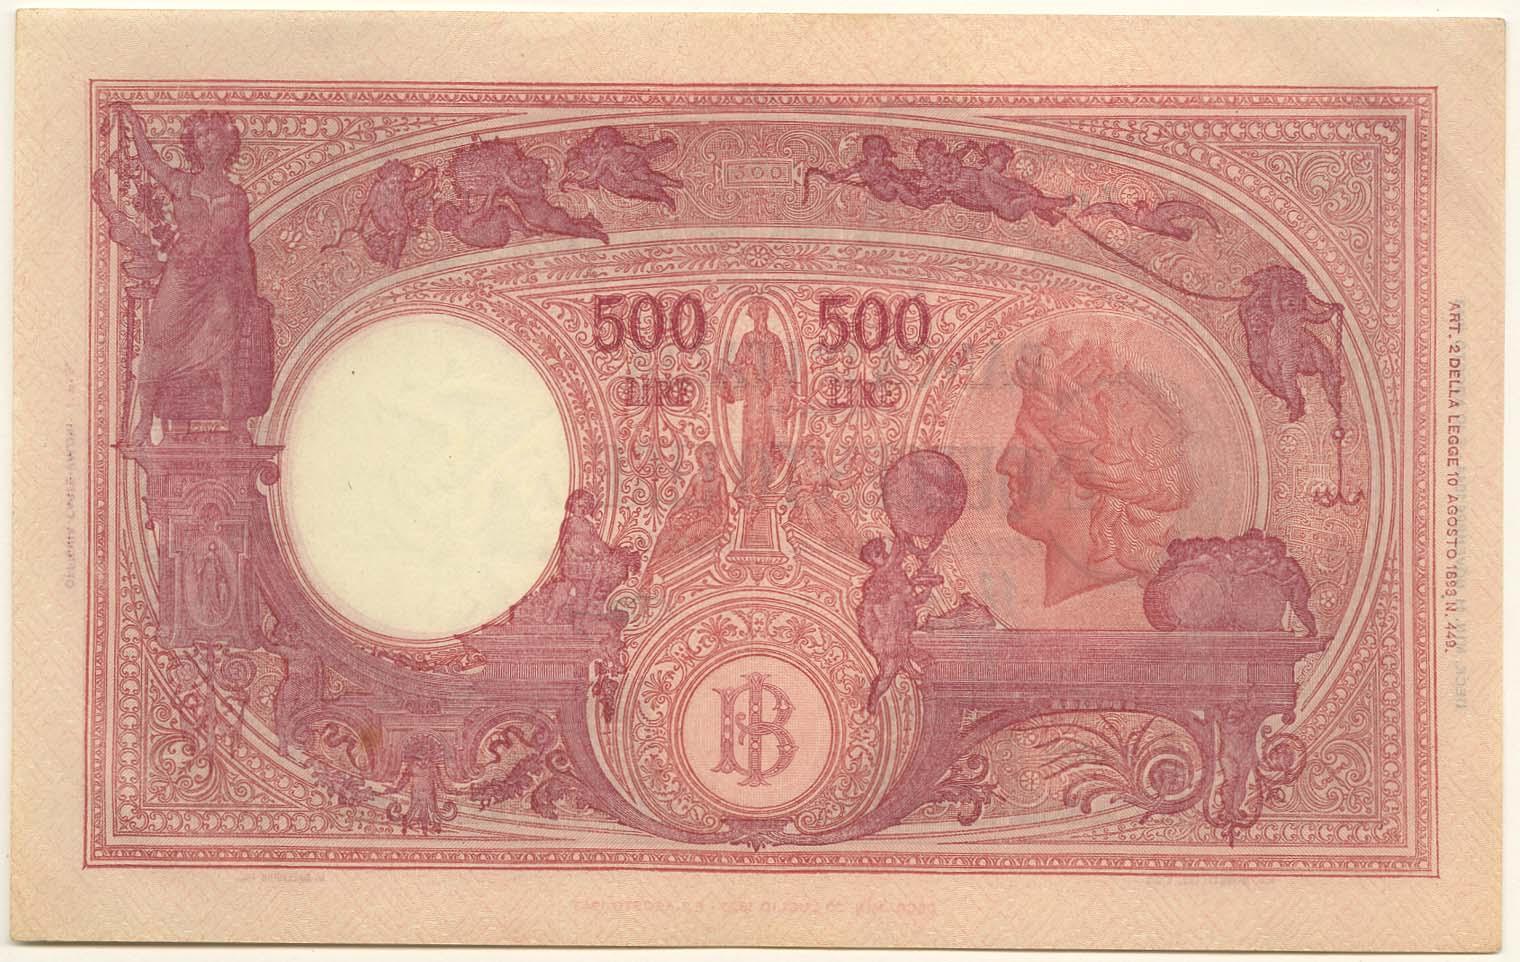 Lot 1924 - Geldscheine_Ausland_Italien  -  Auktionshaus Ulrich Felzmann GmbH & Co. KG Auction 170 International Autumn Auction 2020 Day 2